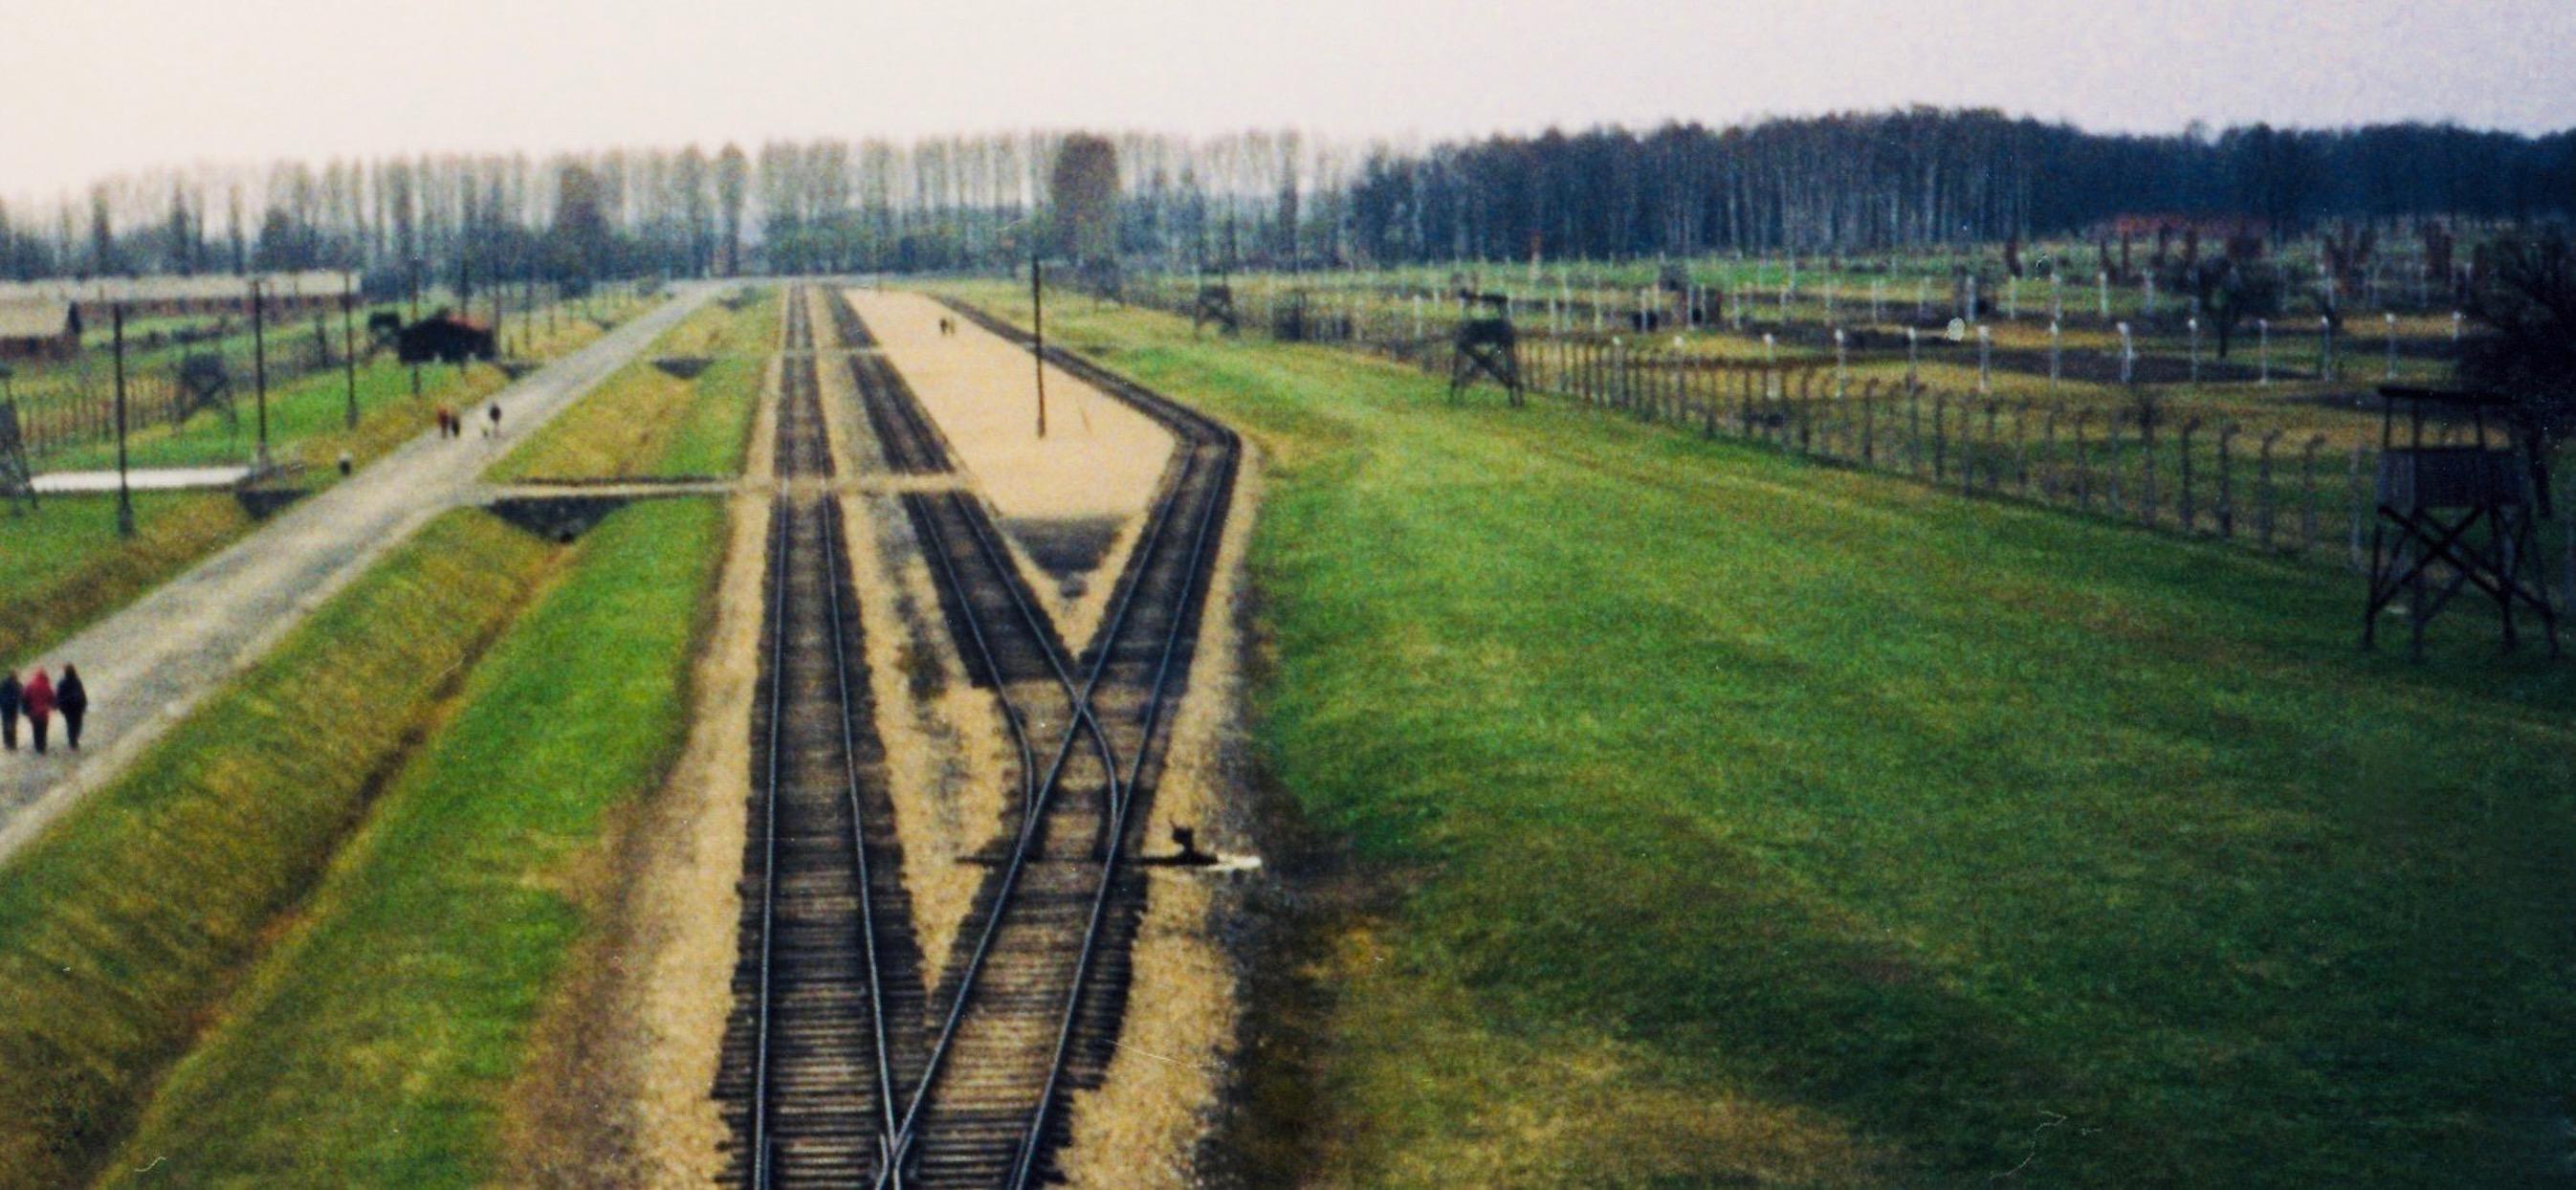 Railway tracks Auschwitz Birkenau memorial and museum Oswiecim Poland